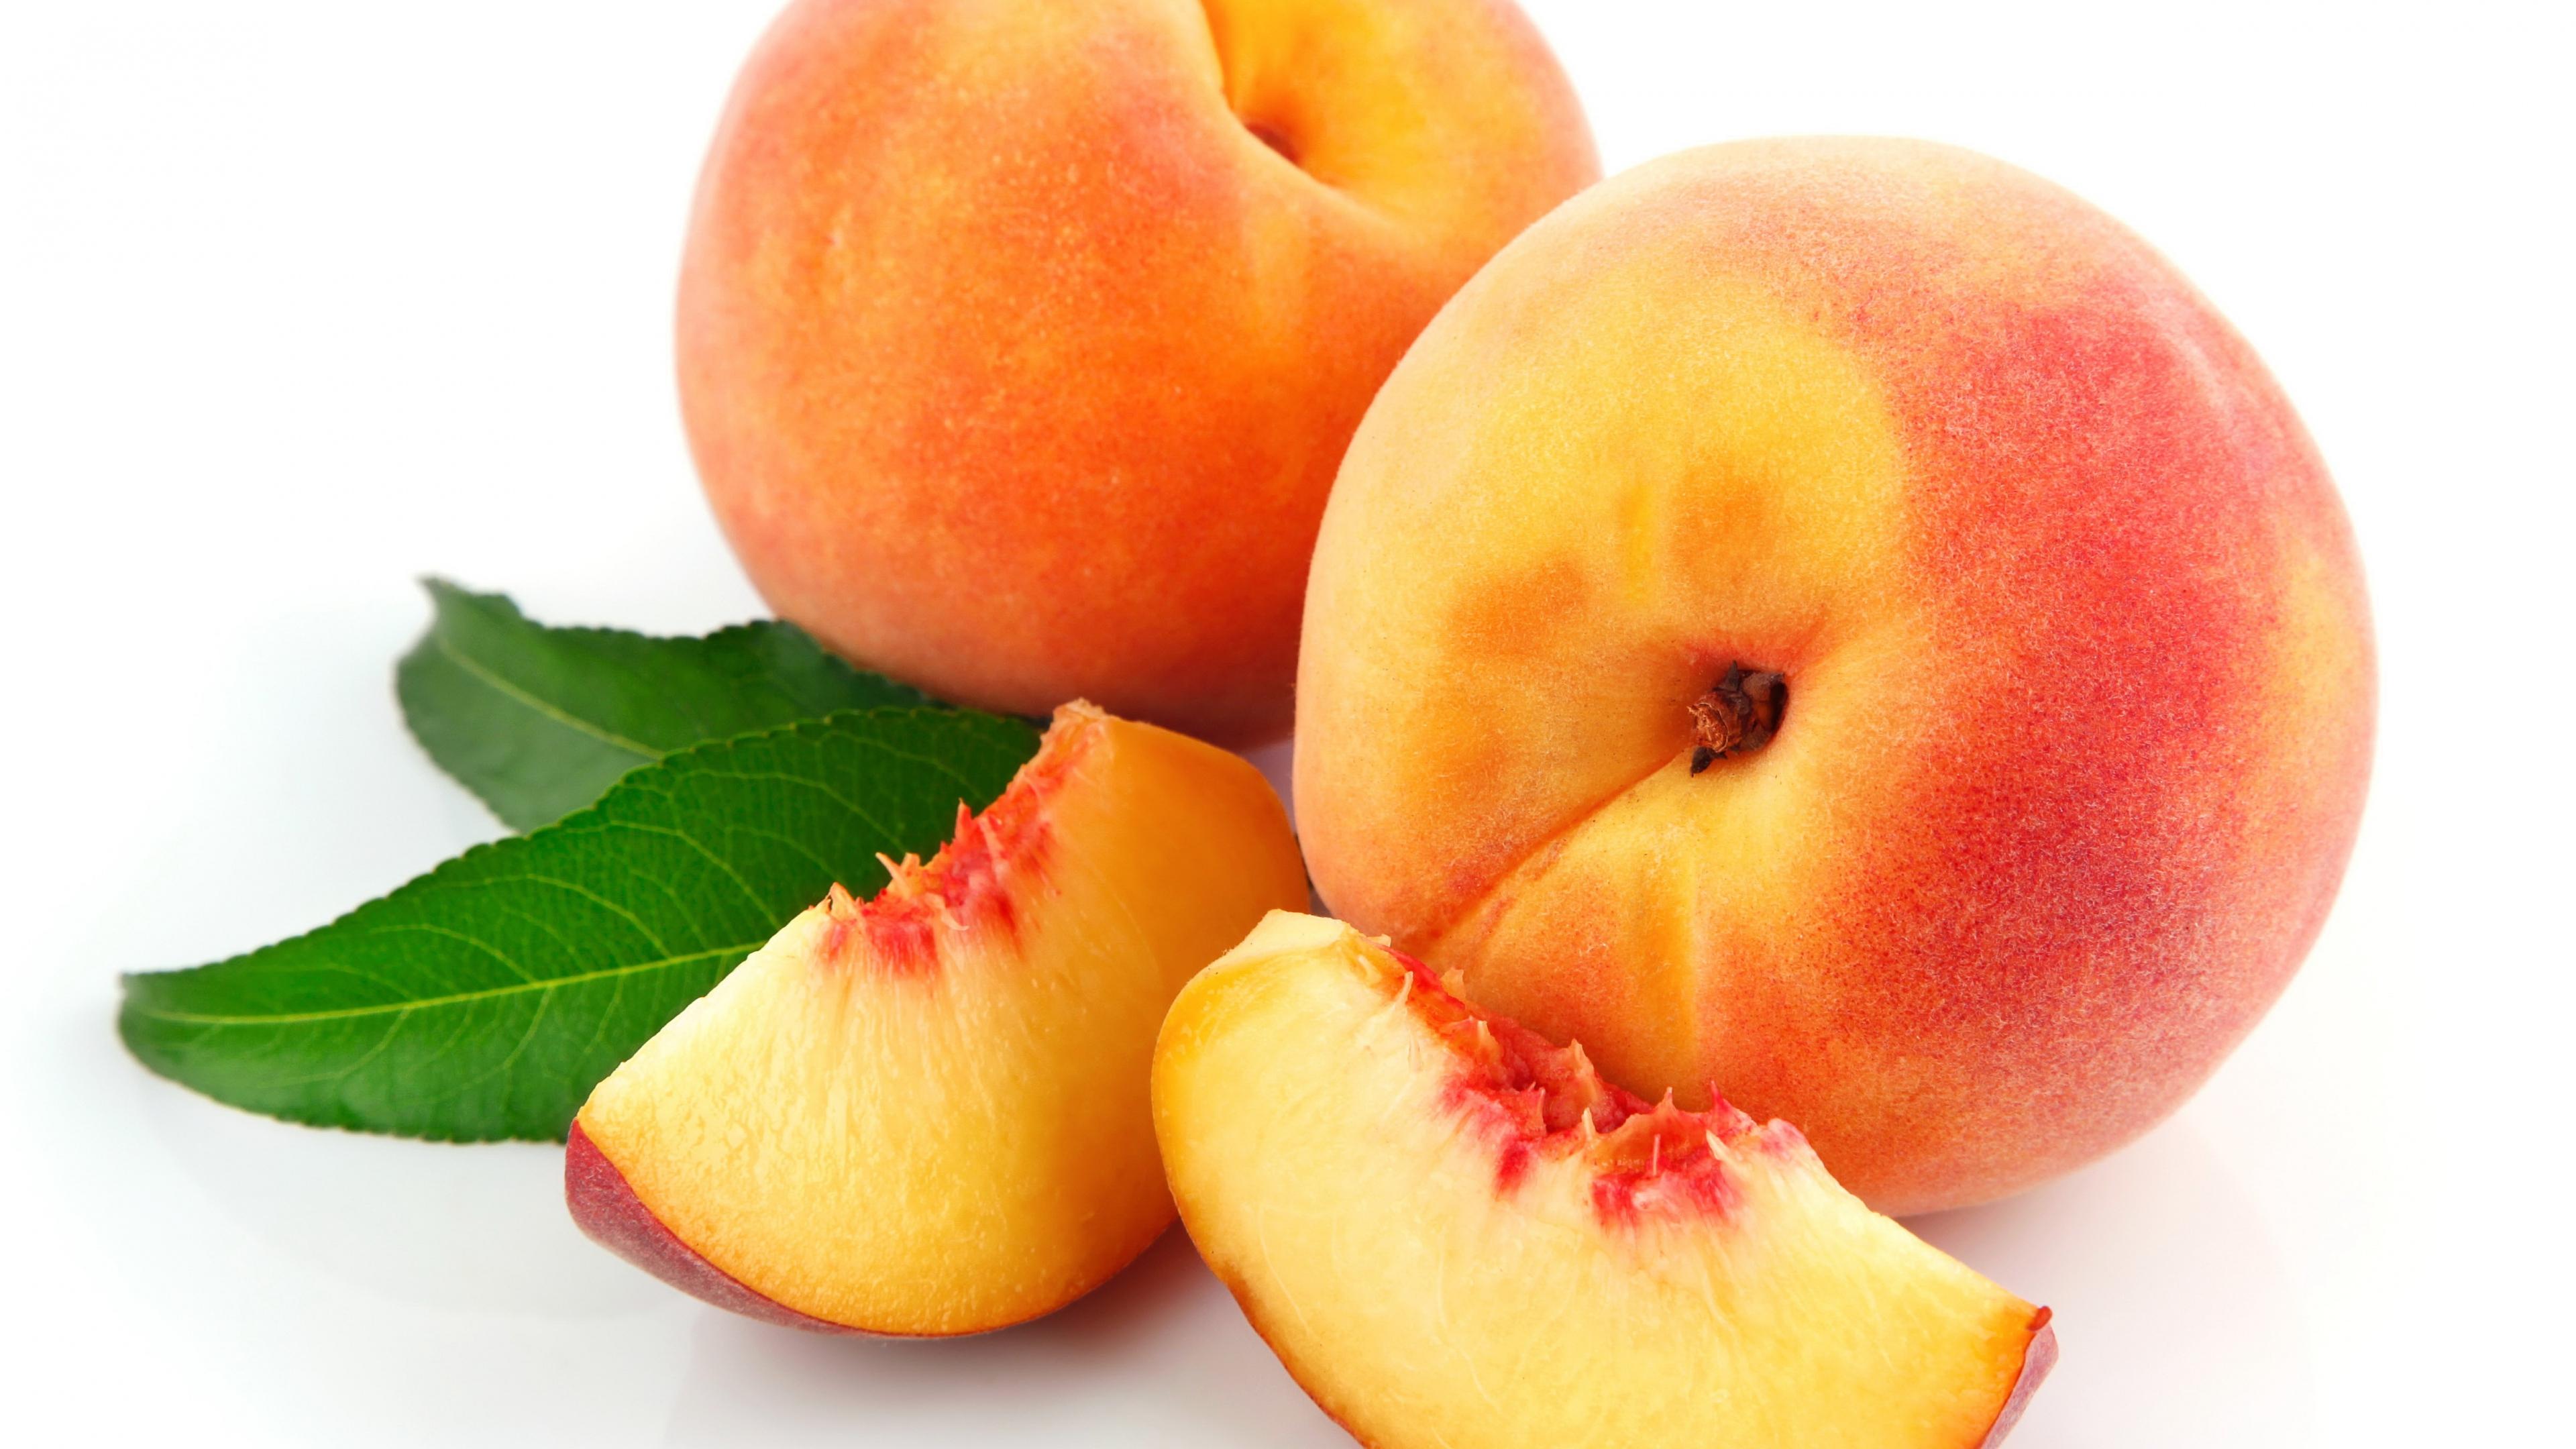 apricot fruit widescreen wallpaper 49866